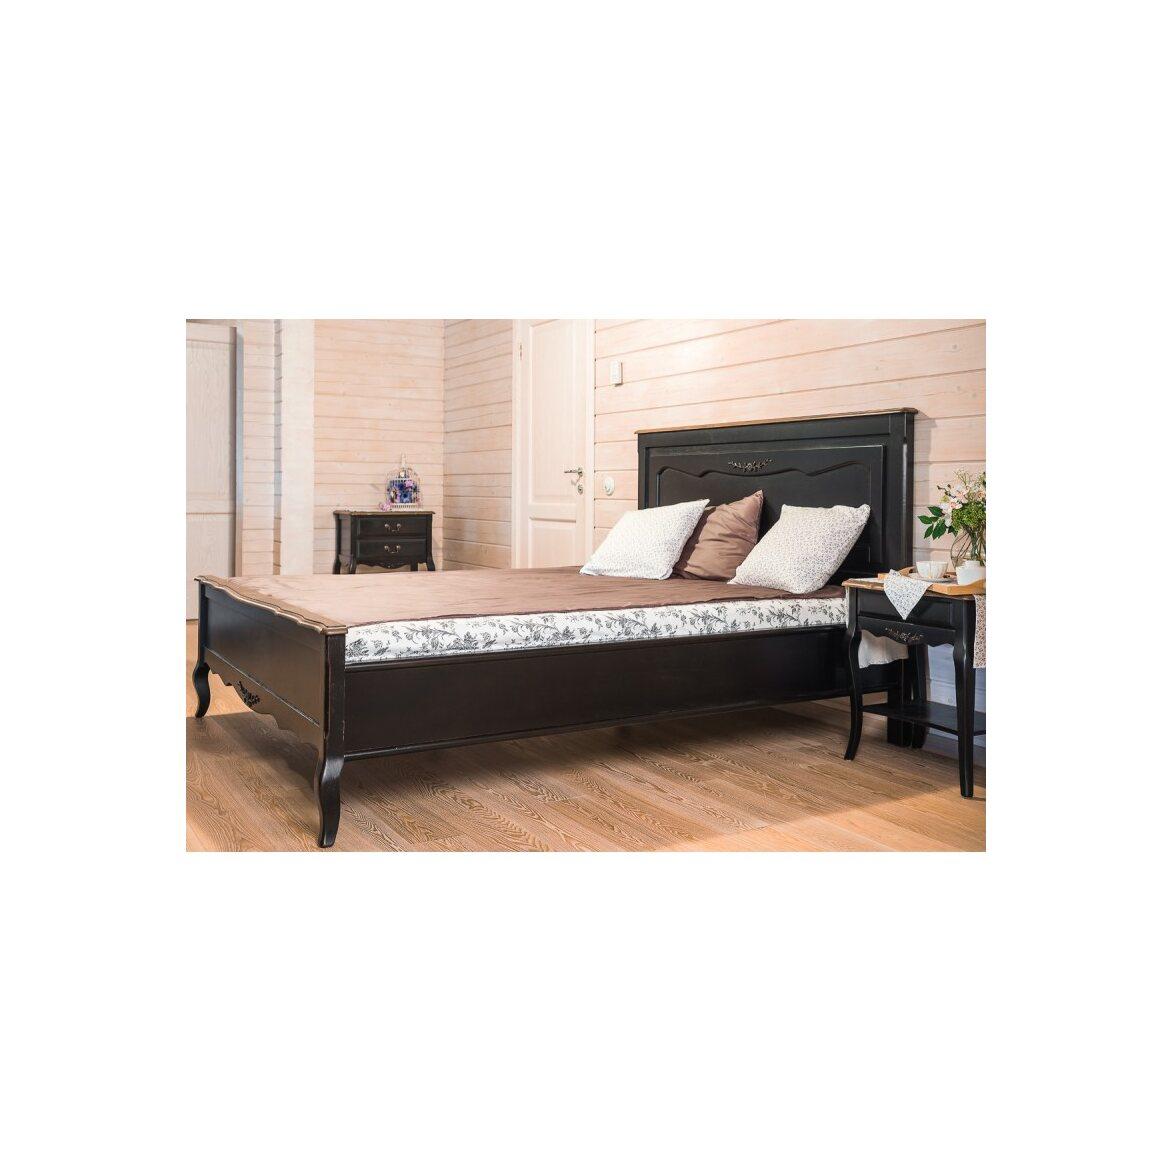 Кровать деревянная 160х200 Leontina, черного цвета 2 | Двуспальные кровати Kingsby